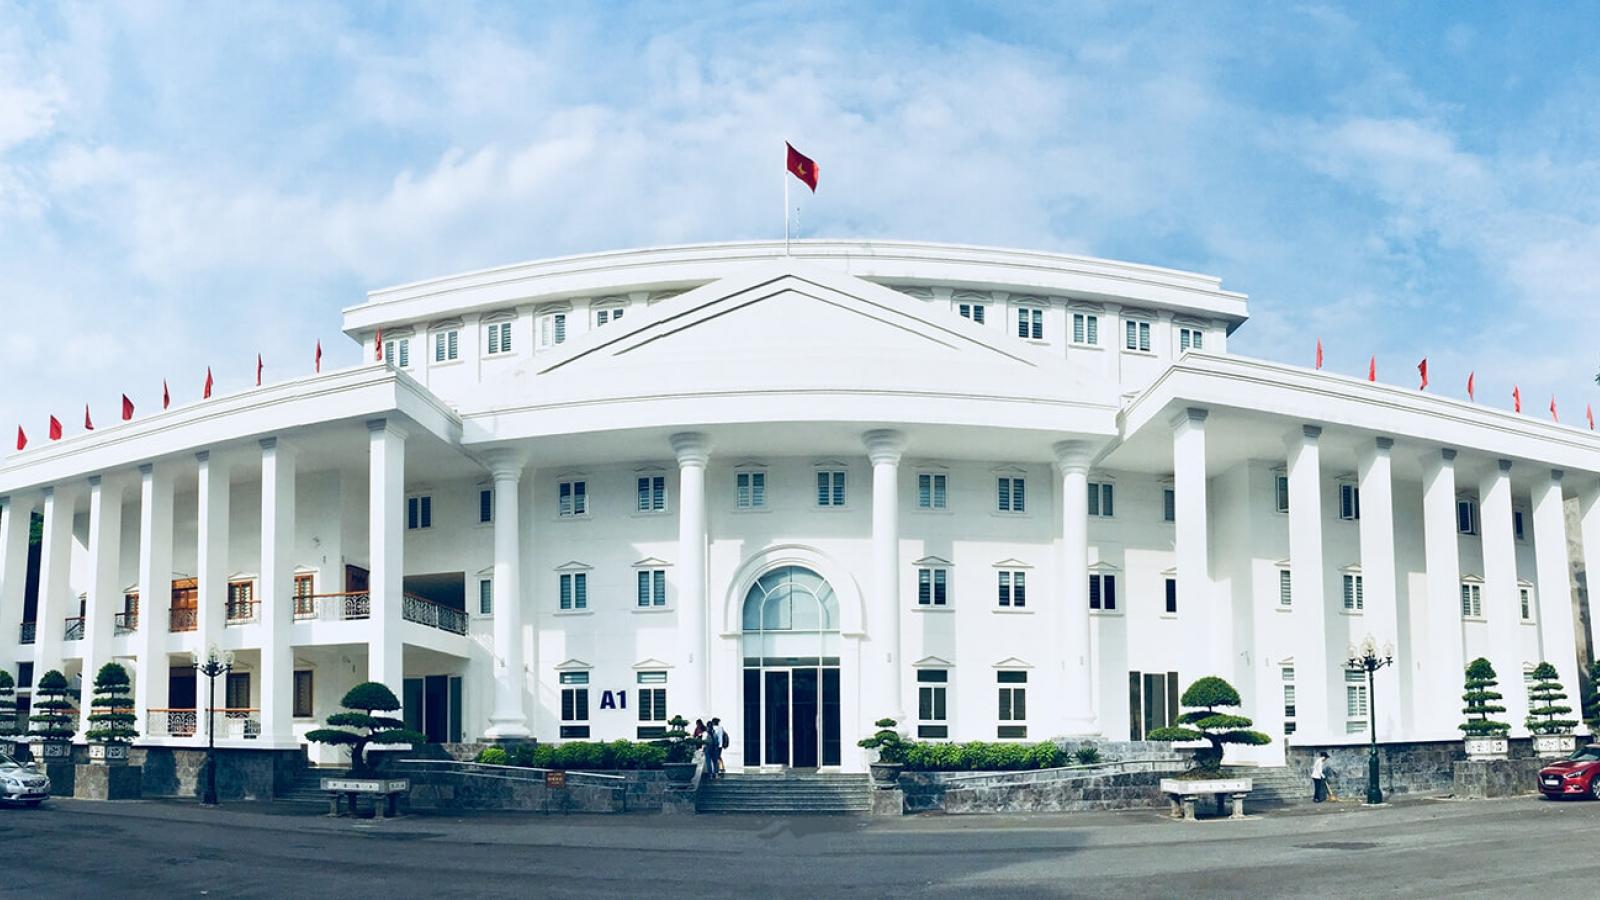 ĐH Hà Nội công bố điểm chuẩn năm 2021, ngành ngôn ngữ Hàn, Trung có điểm cao nhất